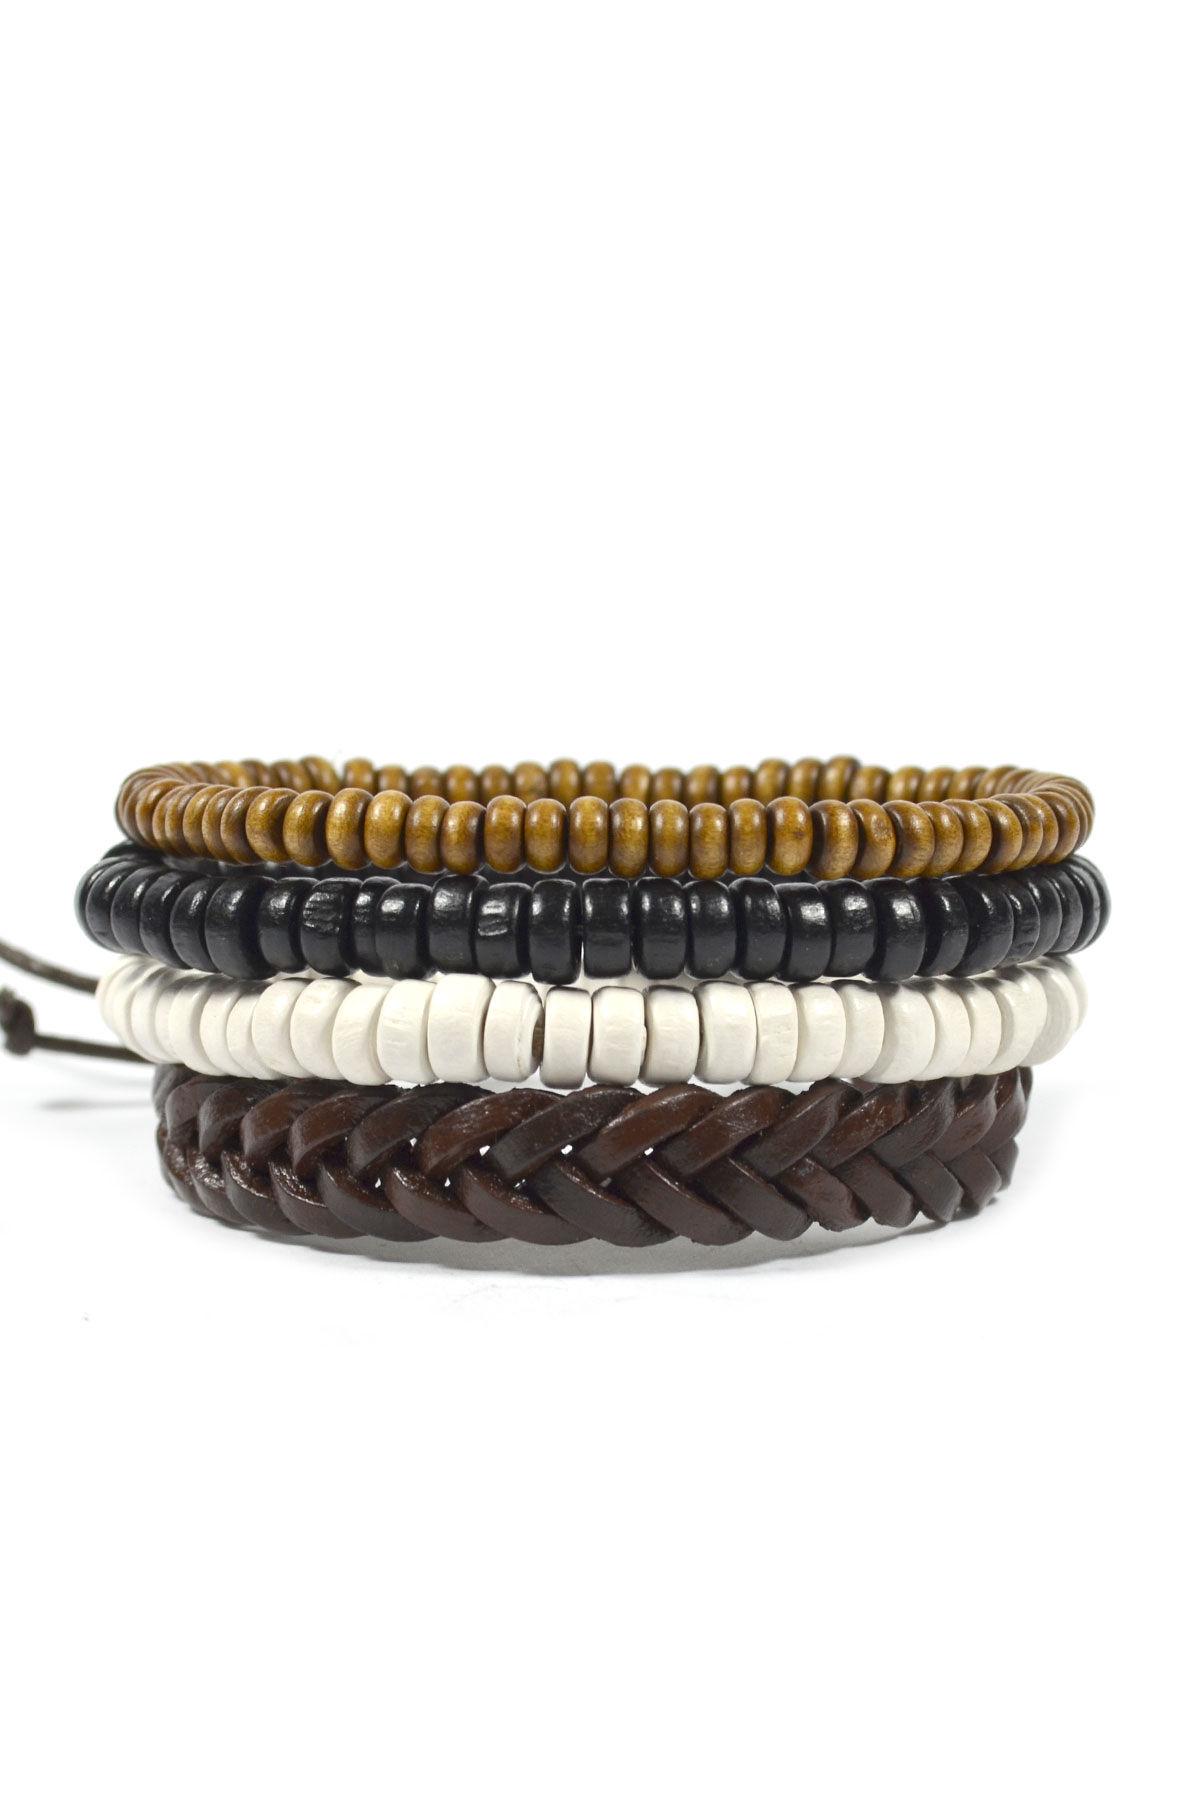 4 Pack Men's Original Bracelet Set